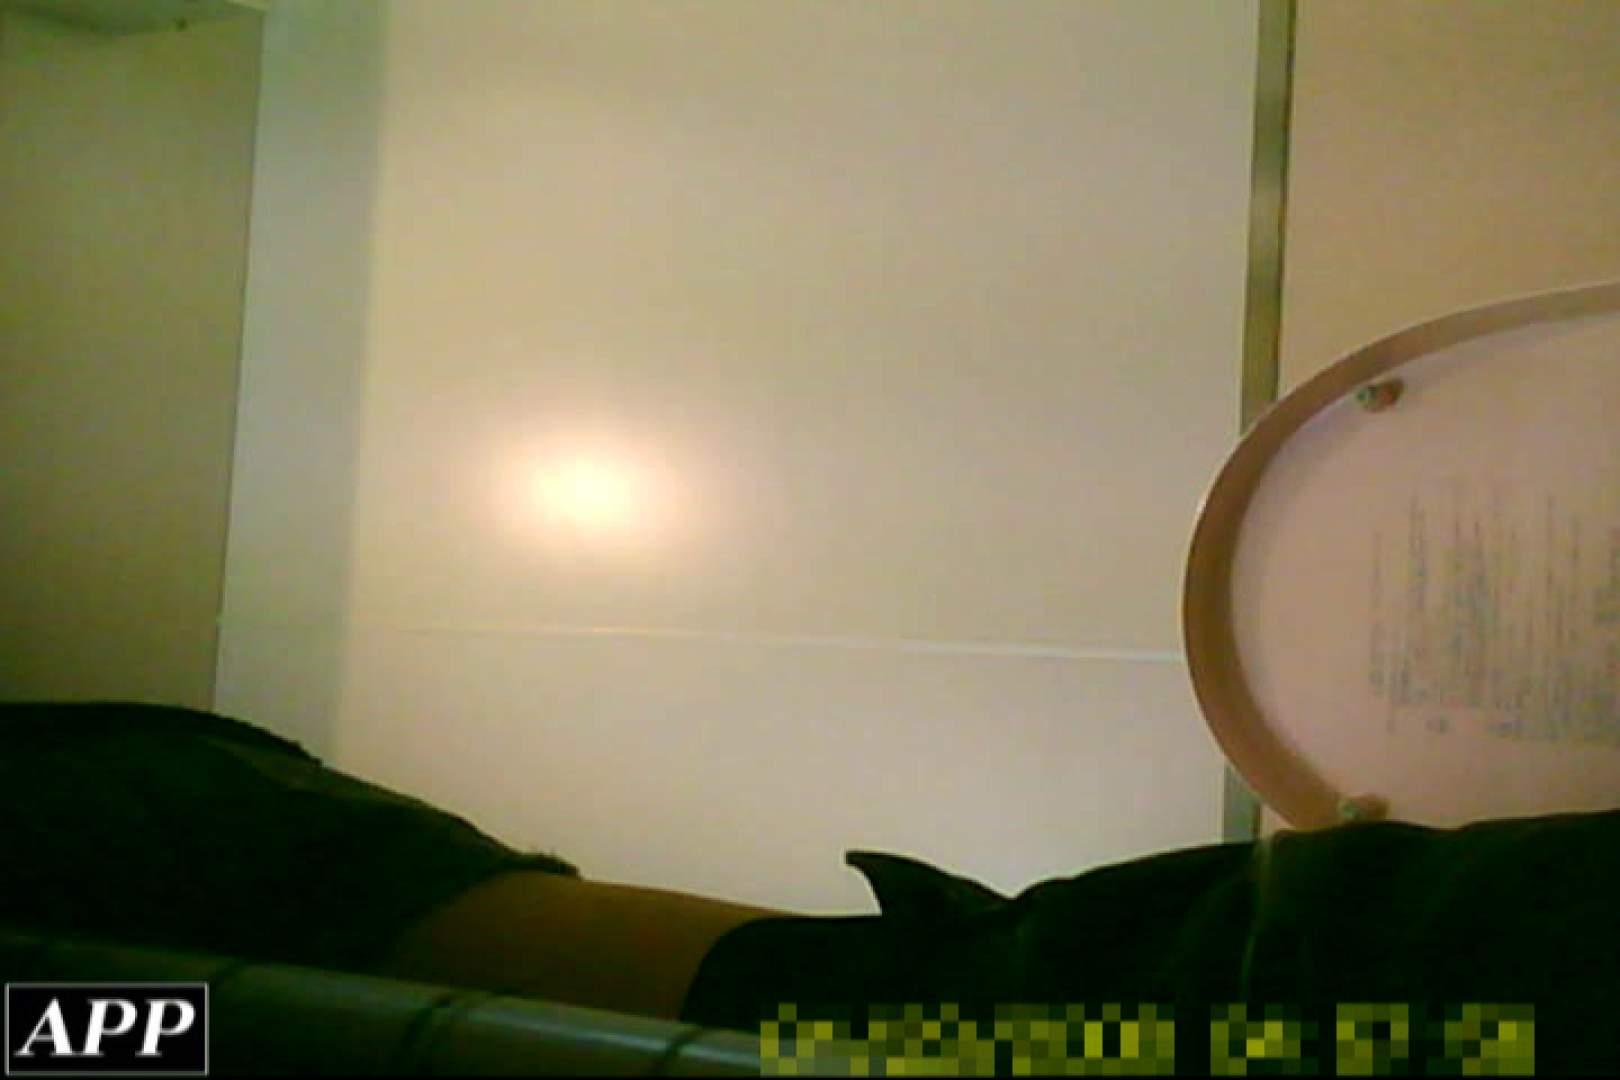 3視点洗面所 vol.82 ギャル攻め オマンコ無修正動画無料 108画像 86